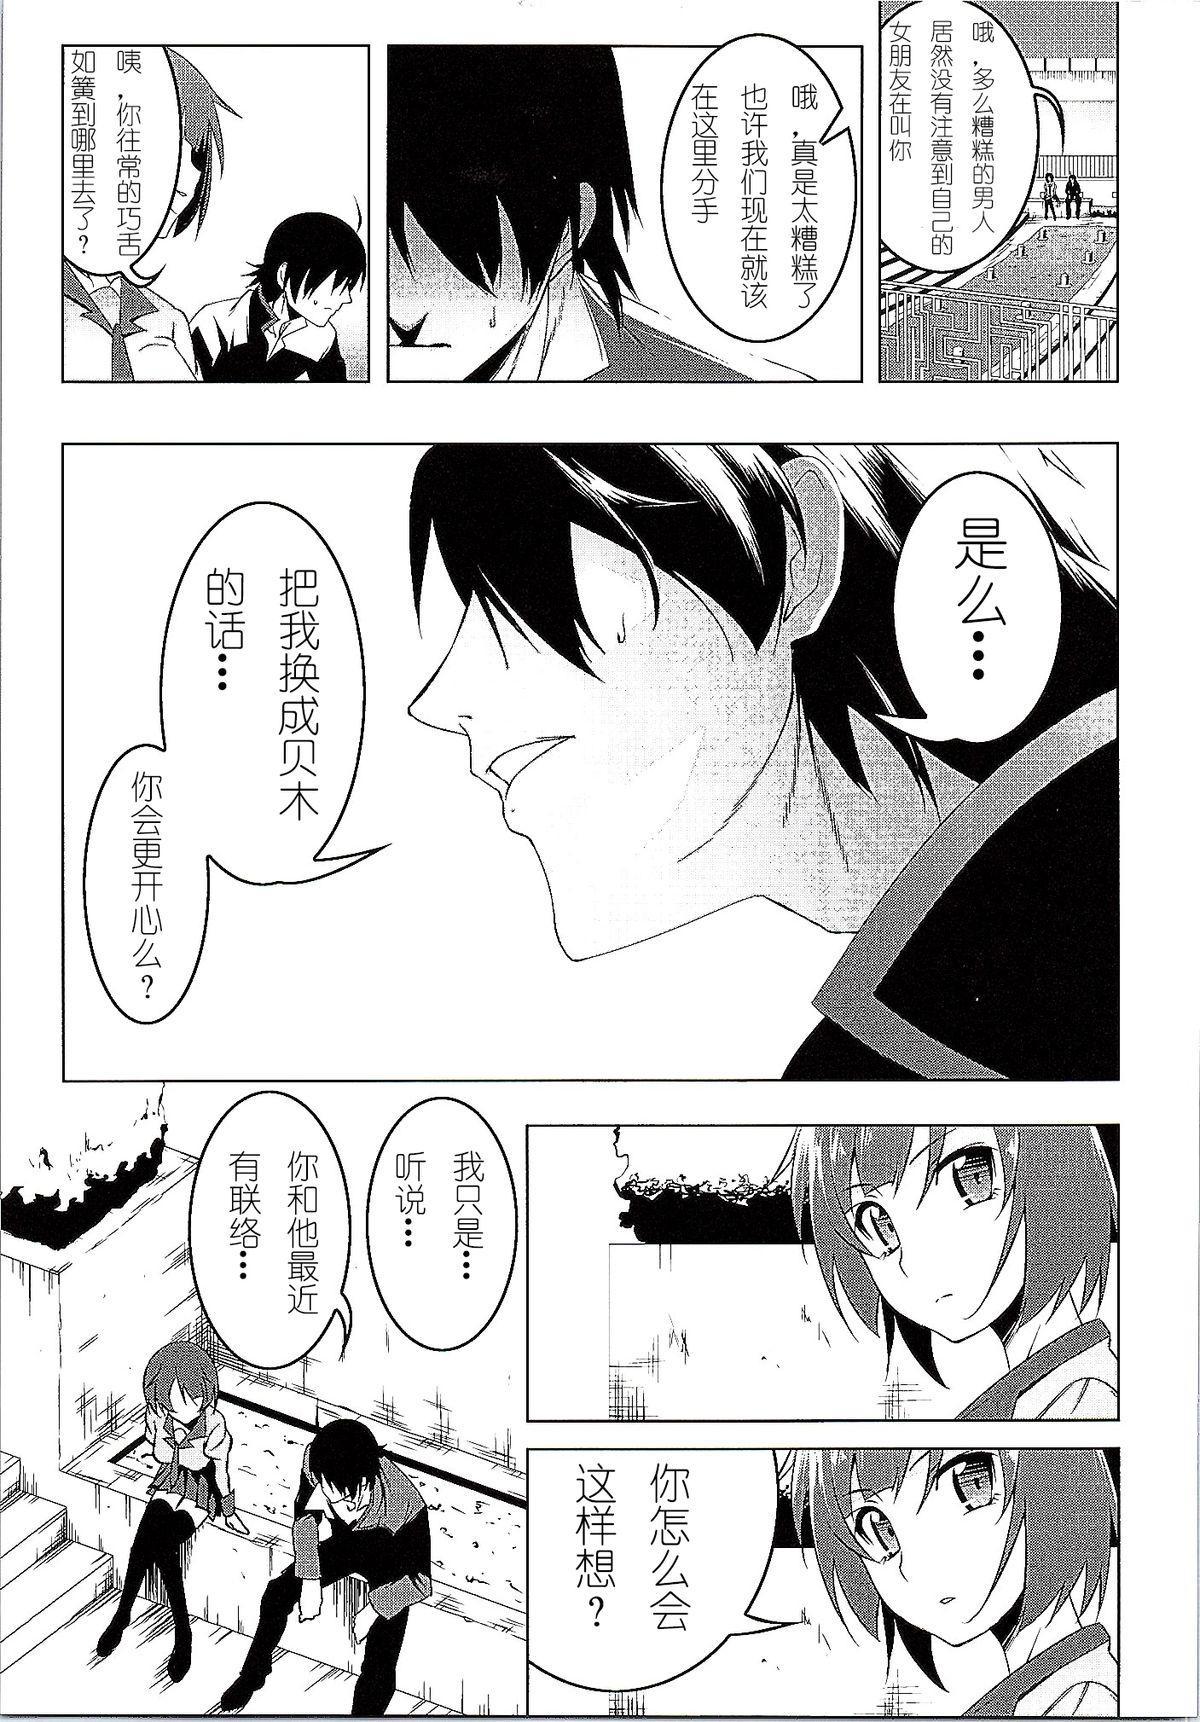 Netoraregatari Go 15